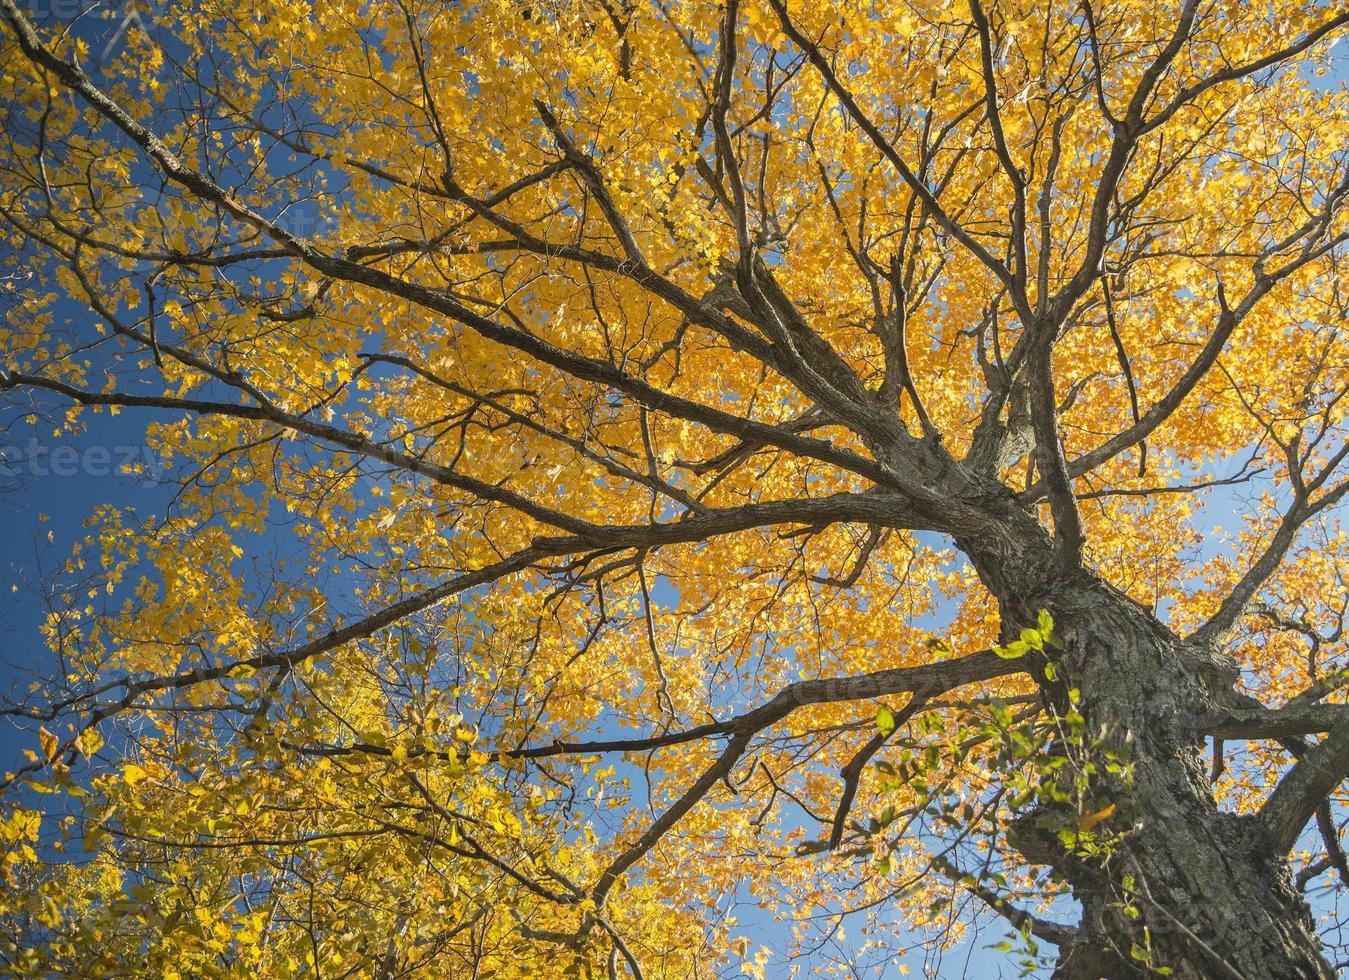 foresta in colori autunnali in autunno foto